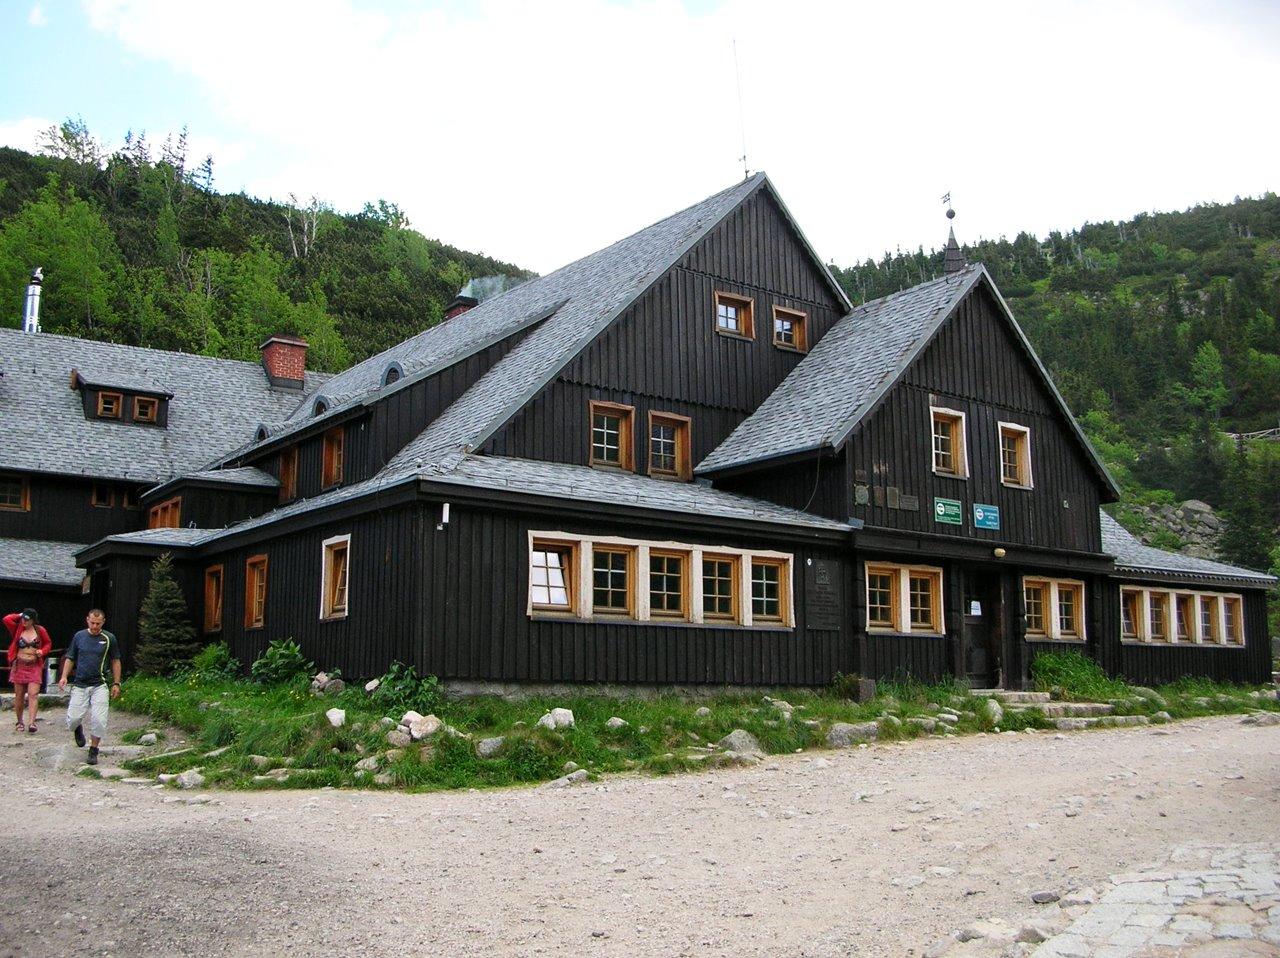 góry, drewniane budowle, turystyka, odpoczynek